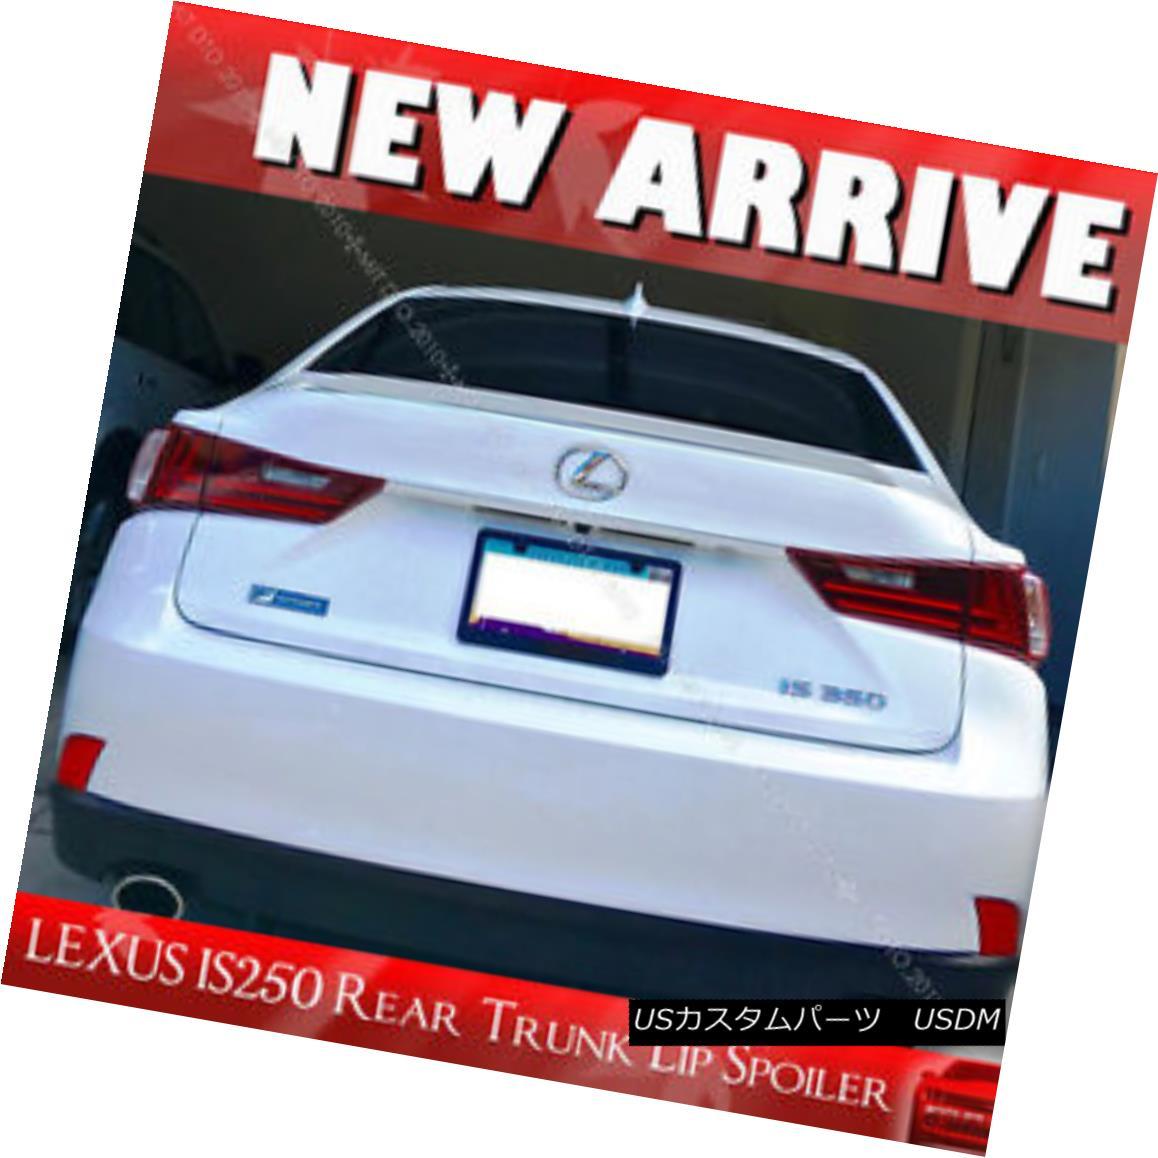 エアロパーツ Painted for Lexus IS250 IS350 IS F Window Visor Rear Trunk Lip Spoiler #083 § Lexus IS250 IS350 IS Fウインドバイザーリアトランクリップスポイラー#083